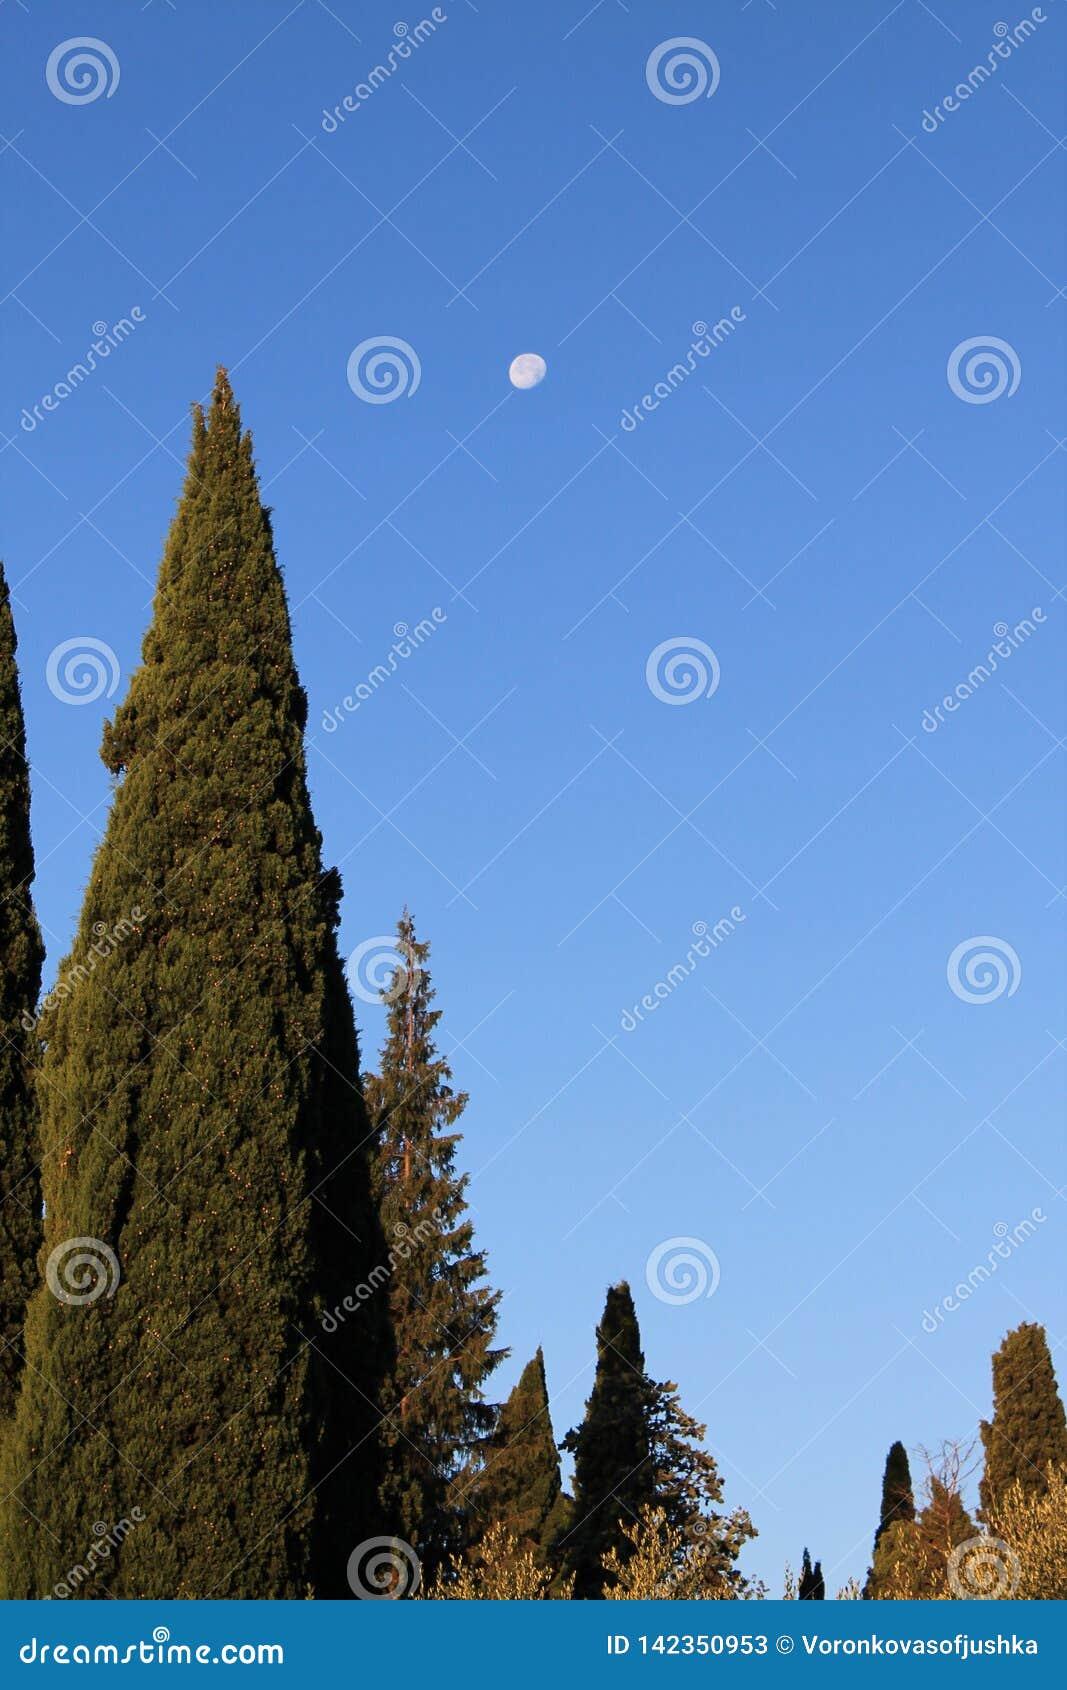 Φεγγάρι πρωινού στο μπλε ουρανό στα πλαίσια των υψηλών κυπαρισσιών